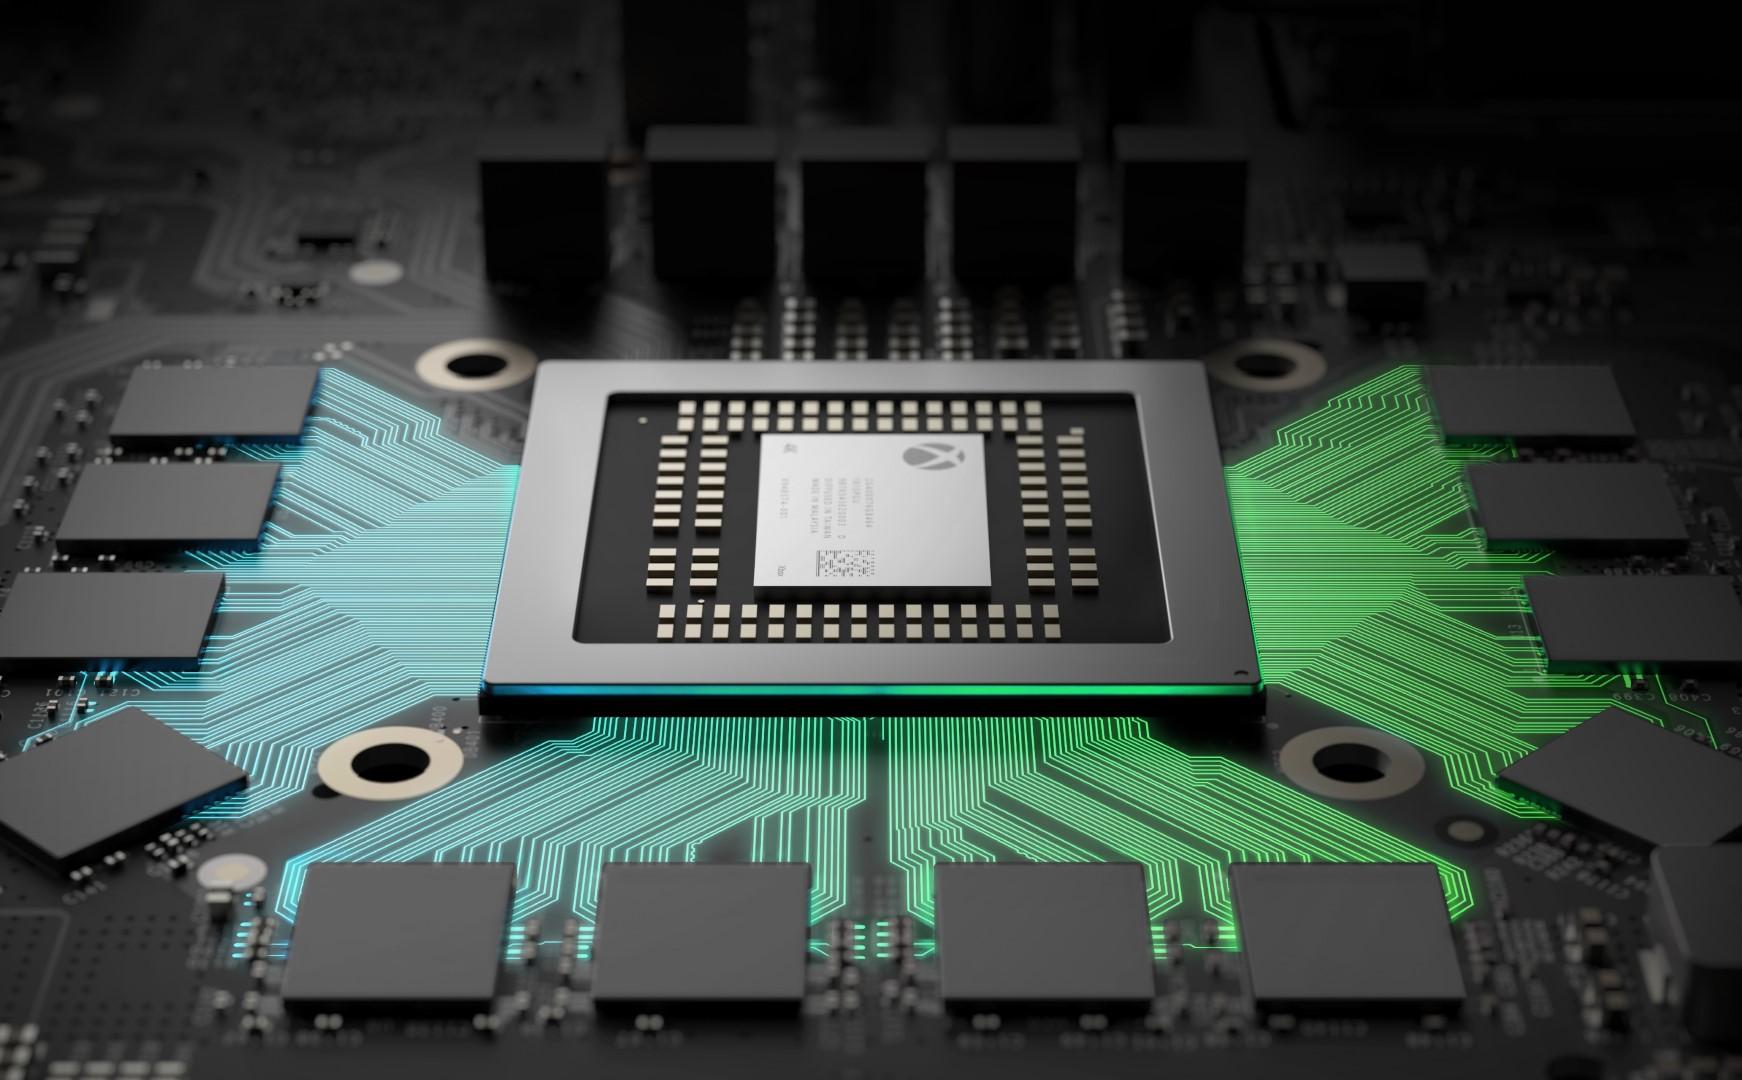 A pocos días de E3 2019, filtran los detalles de la nueva generación de consolas Xbox Scarlett